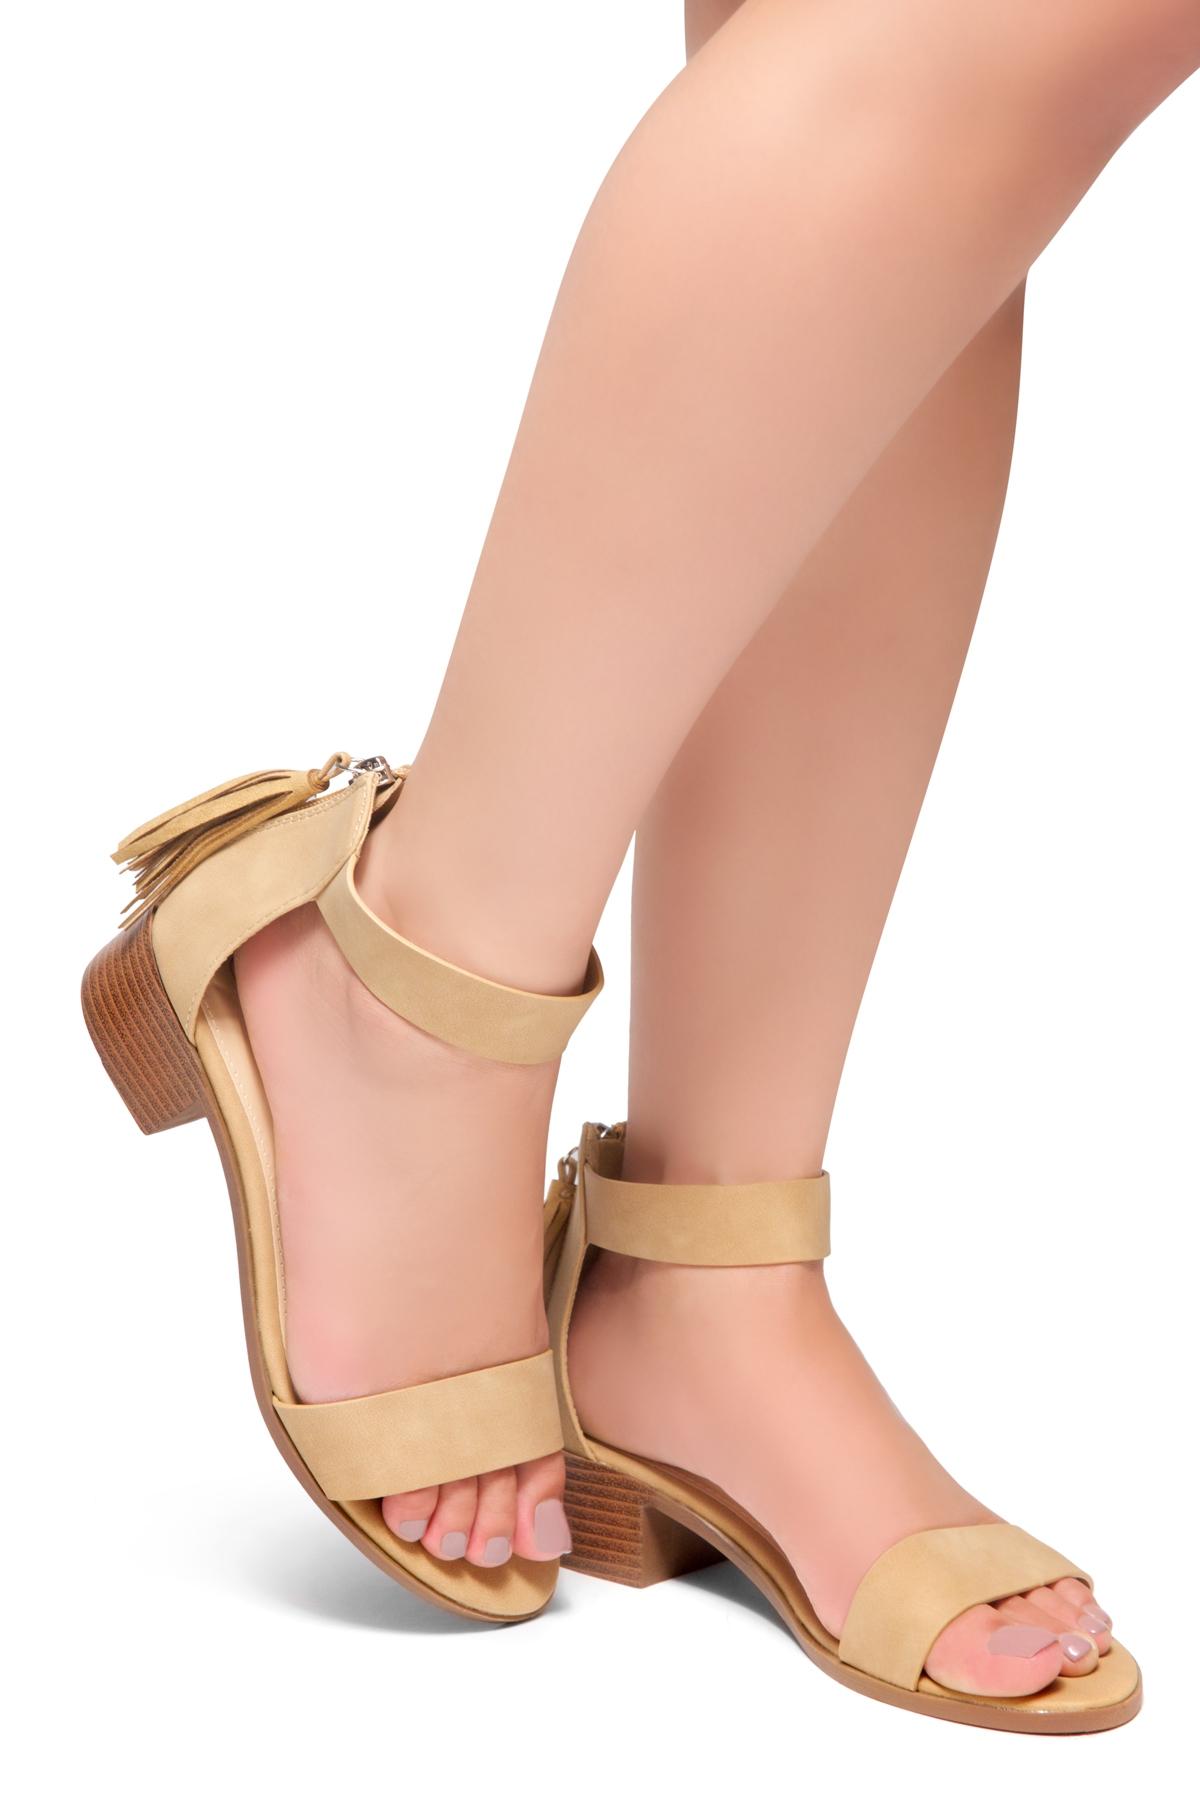 70416863d3e HerStyle Bruefly- Low Block Heel Back Zipper with Tassels Sandal (Tan)